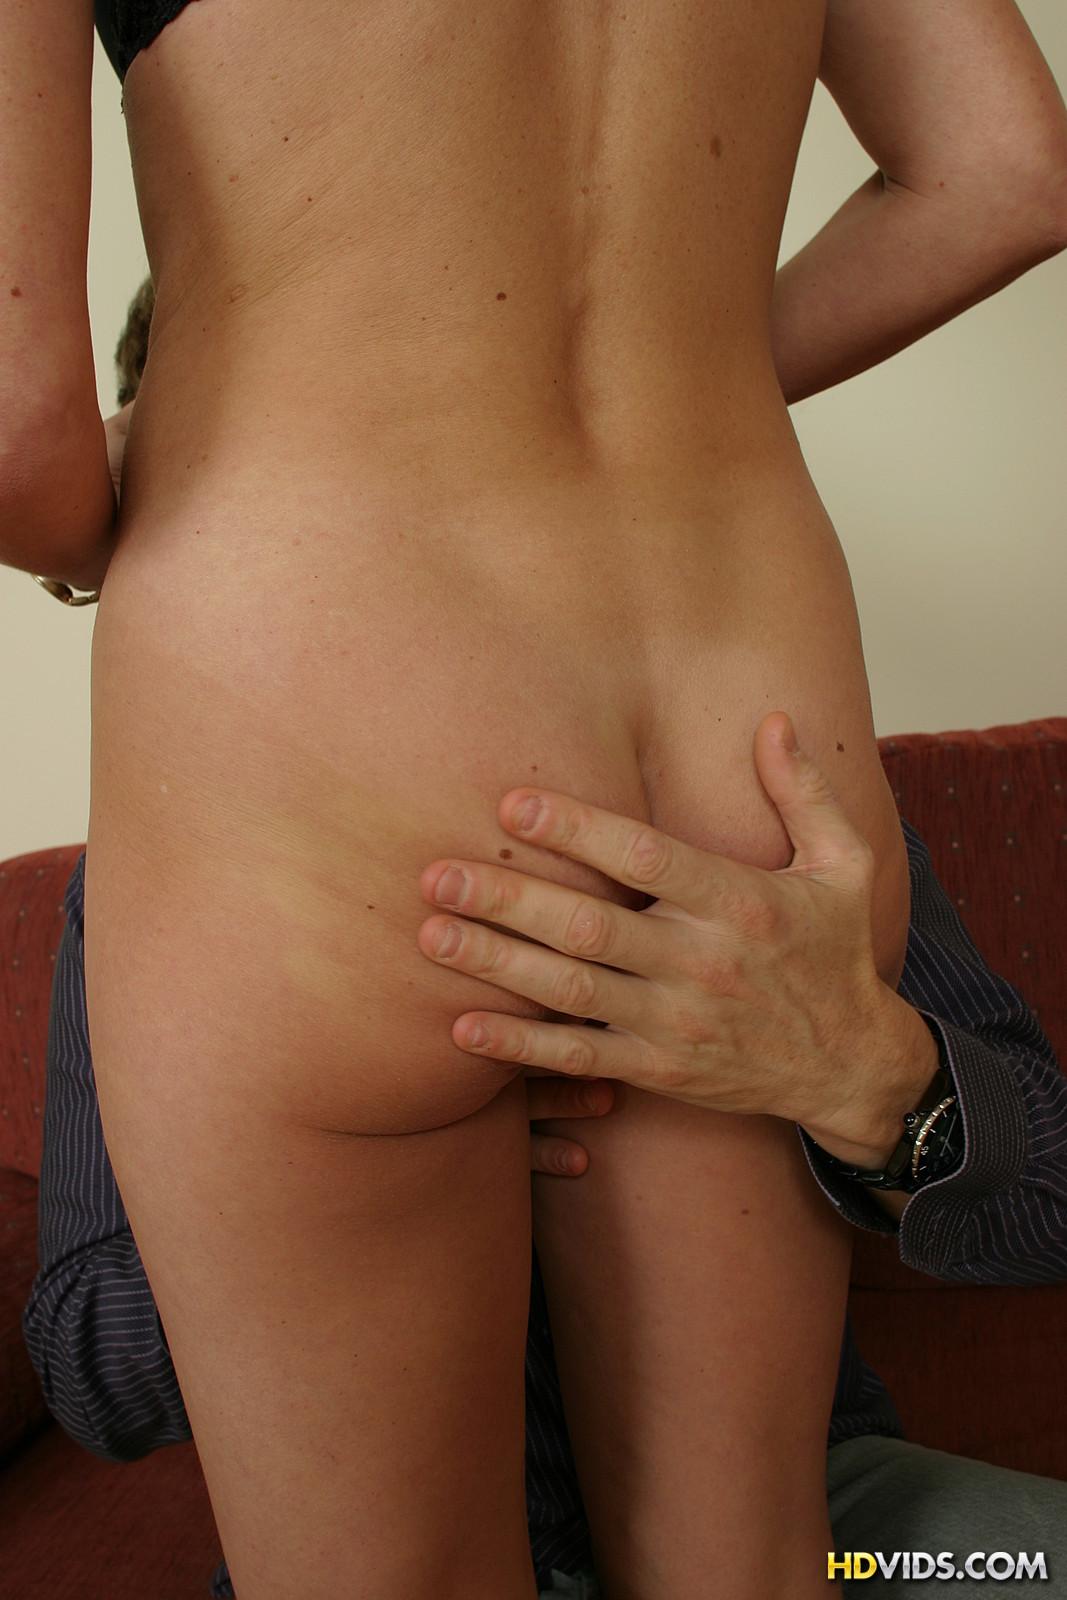 секс со зрелыми порно фото